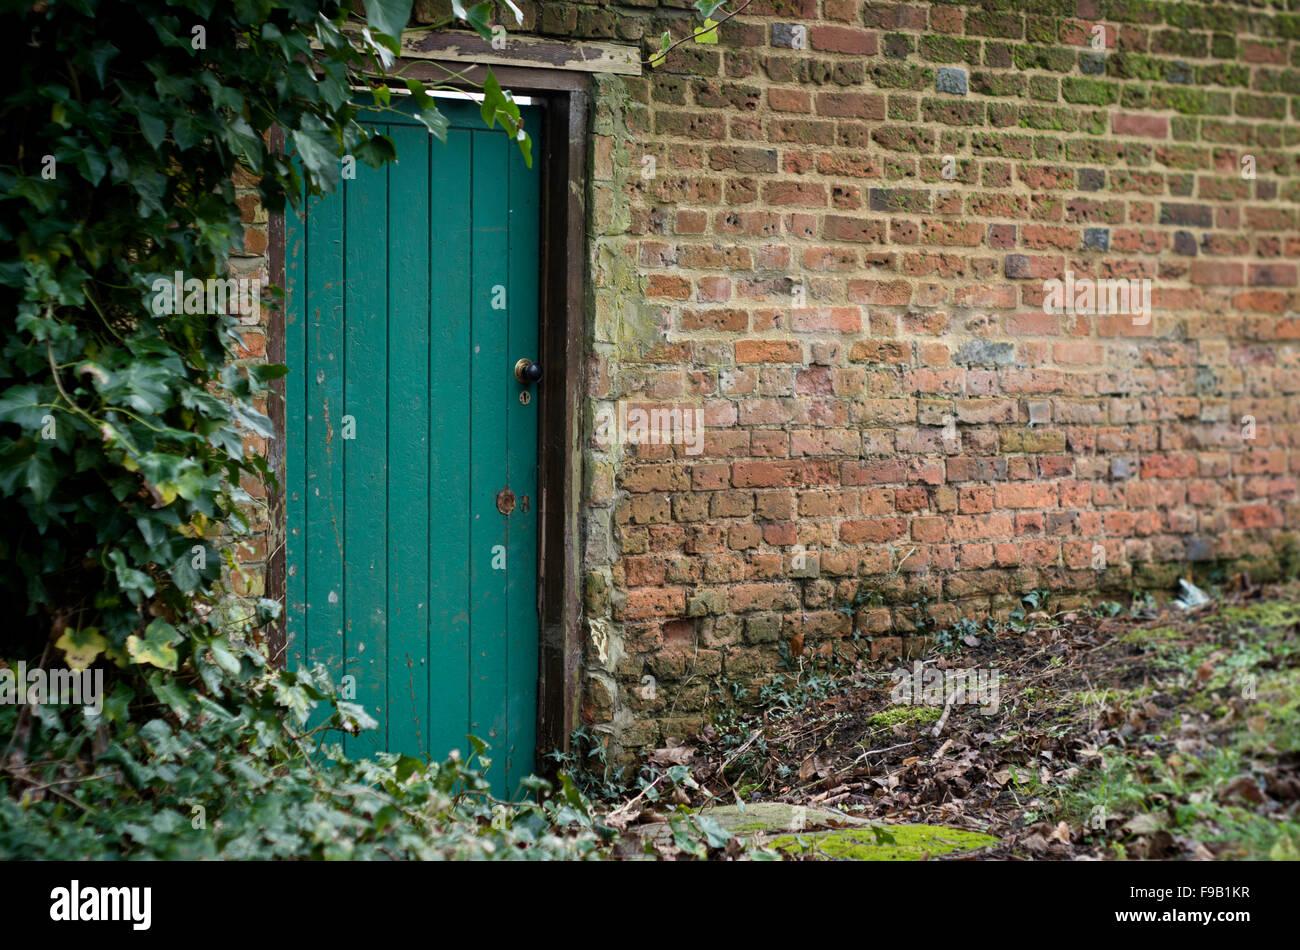 Grün bemalte Holztür in alten Cottage Garten Mauer umrahmt von Efeu, UK Stockfoto